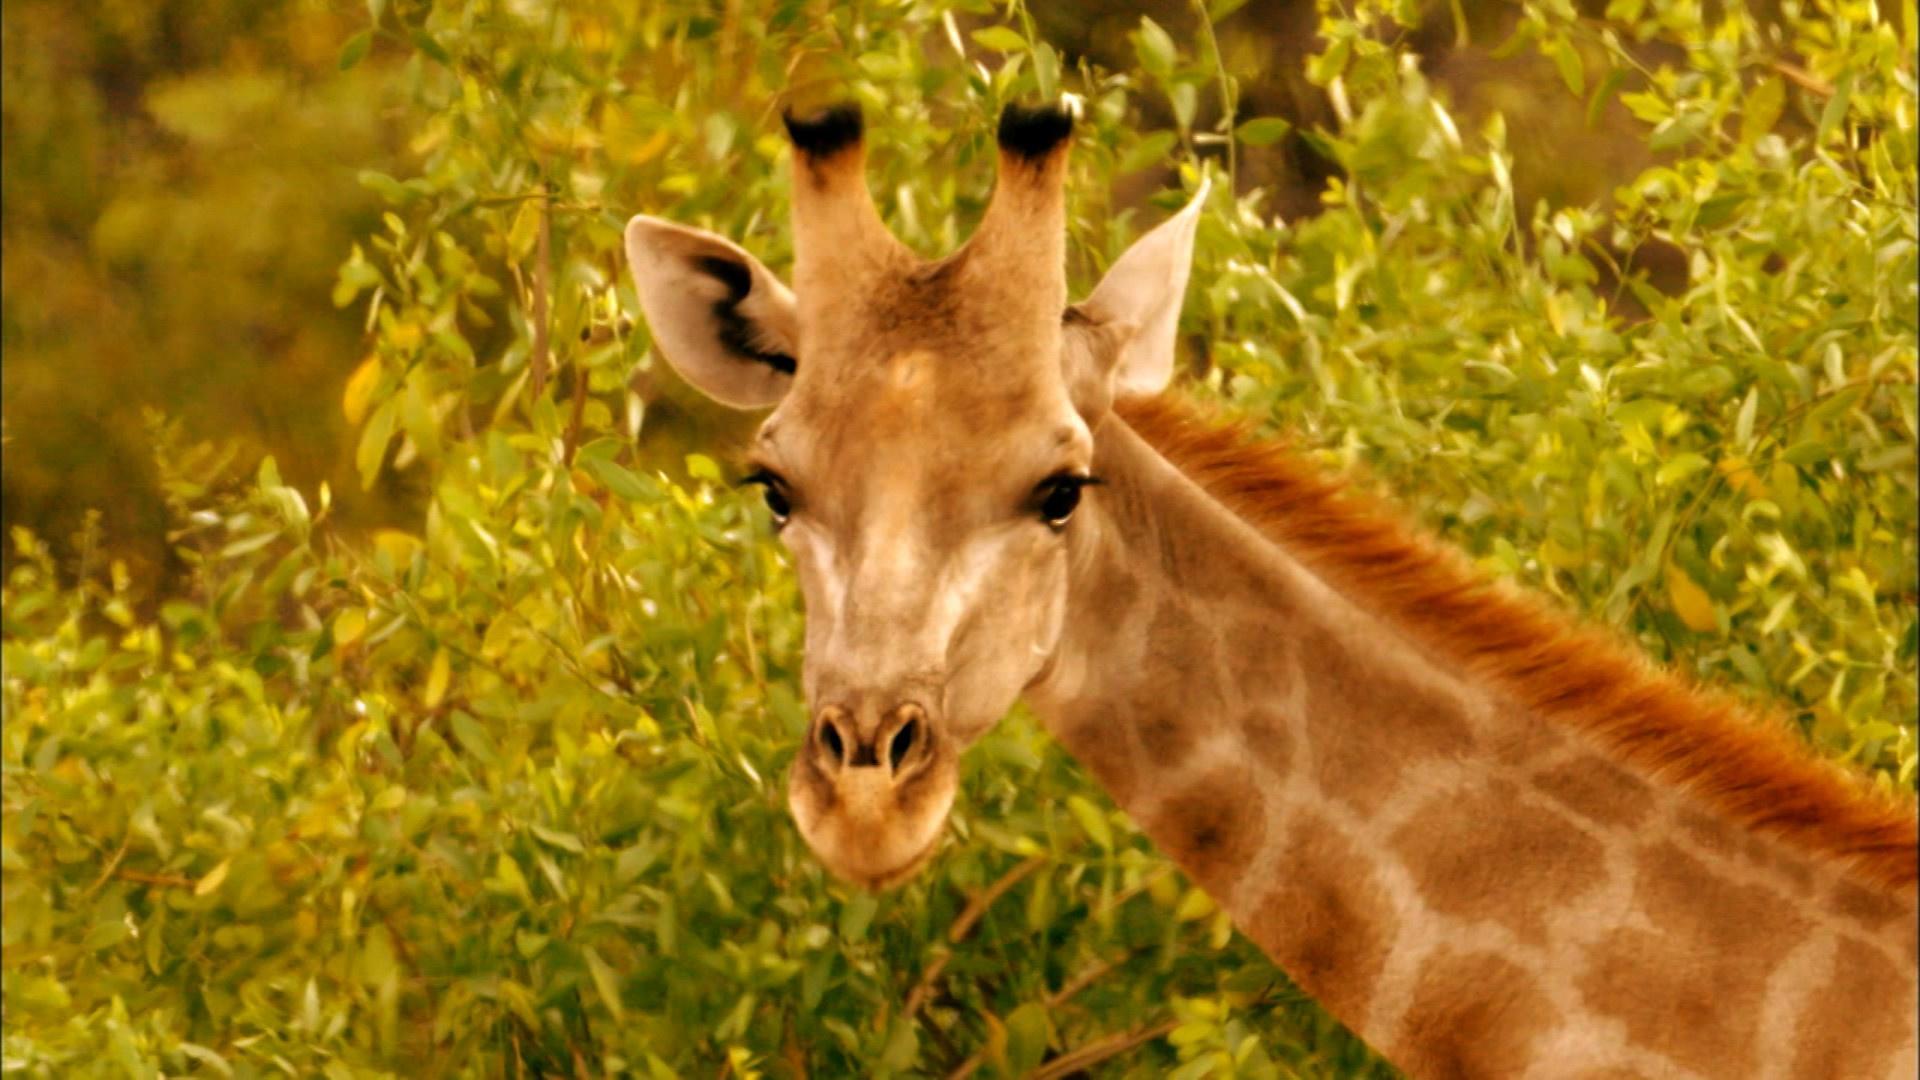 Giraffes: Africa's Gentle Giants